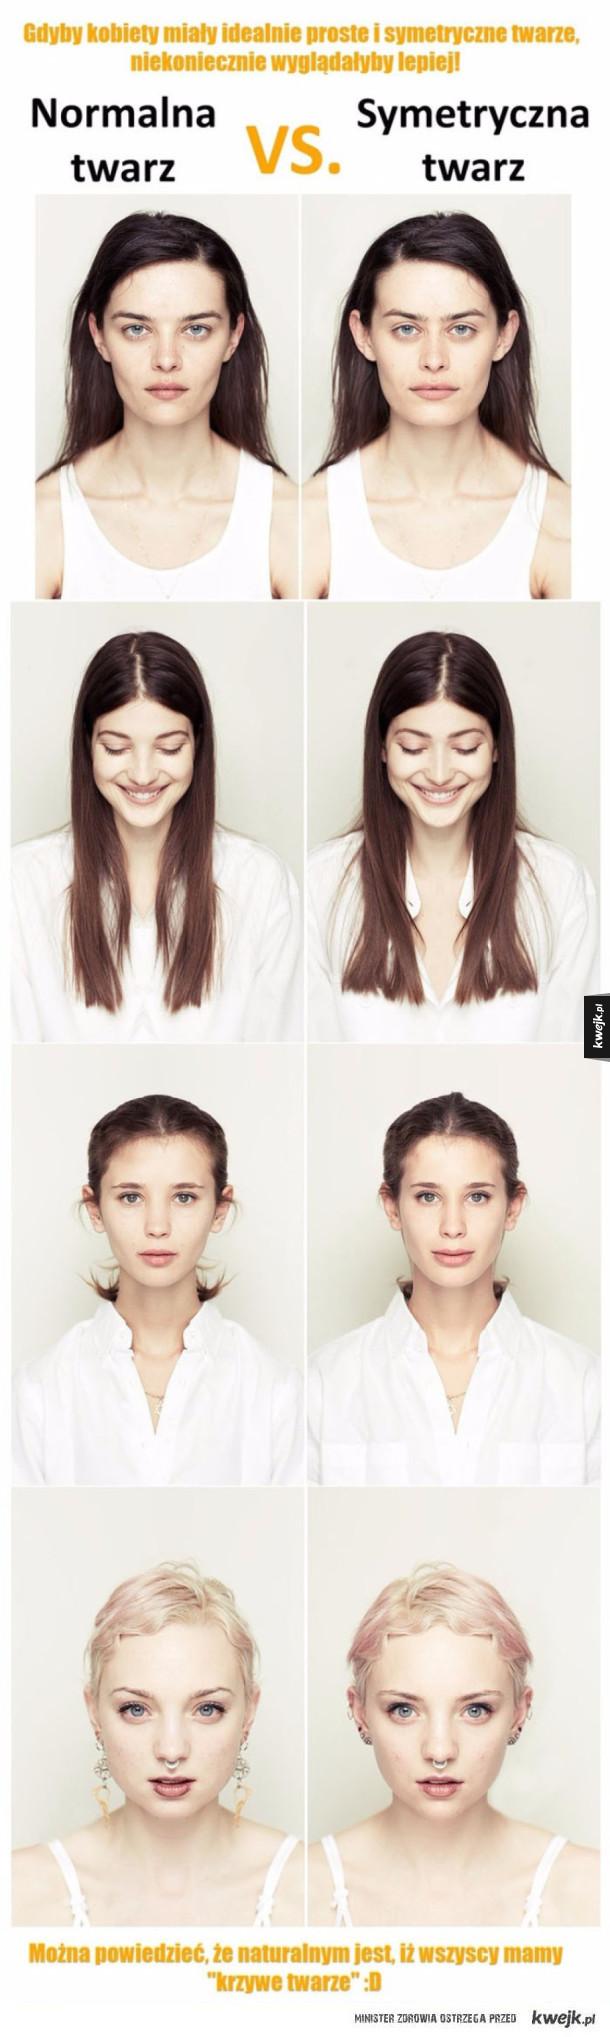 Symetryczna twarz